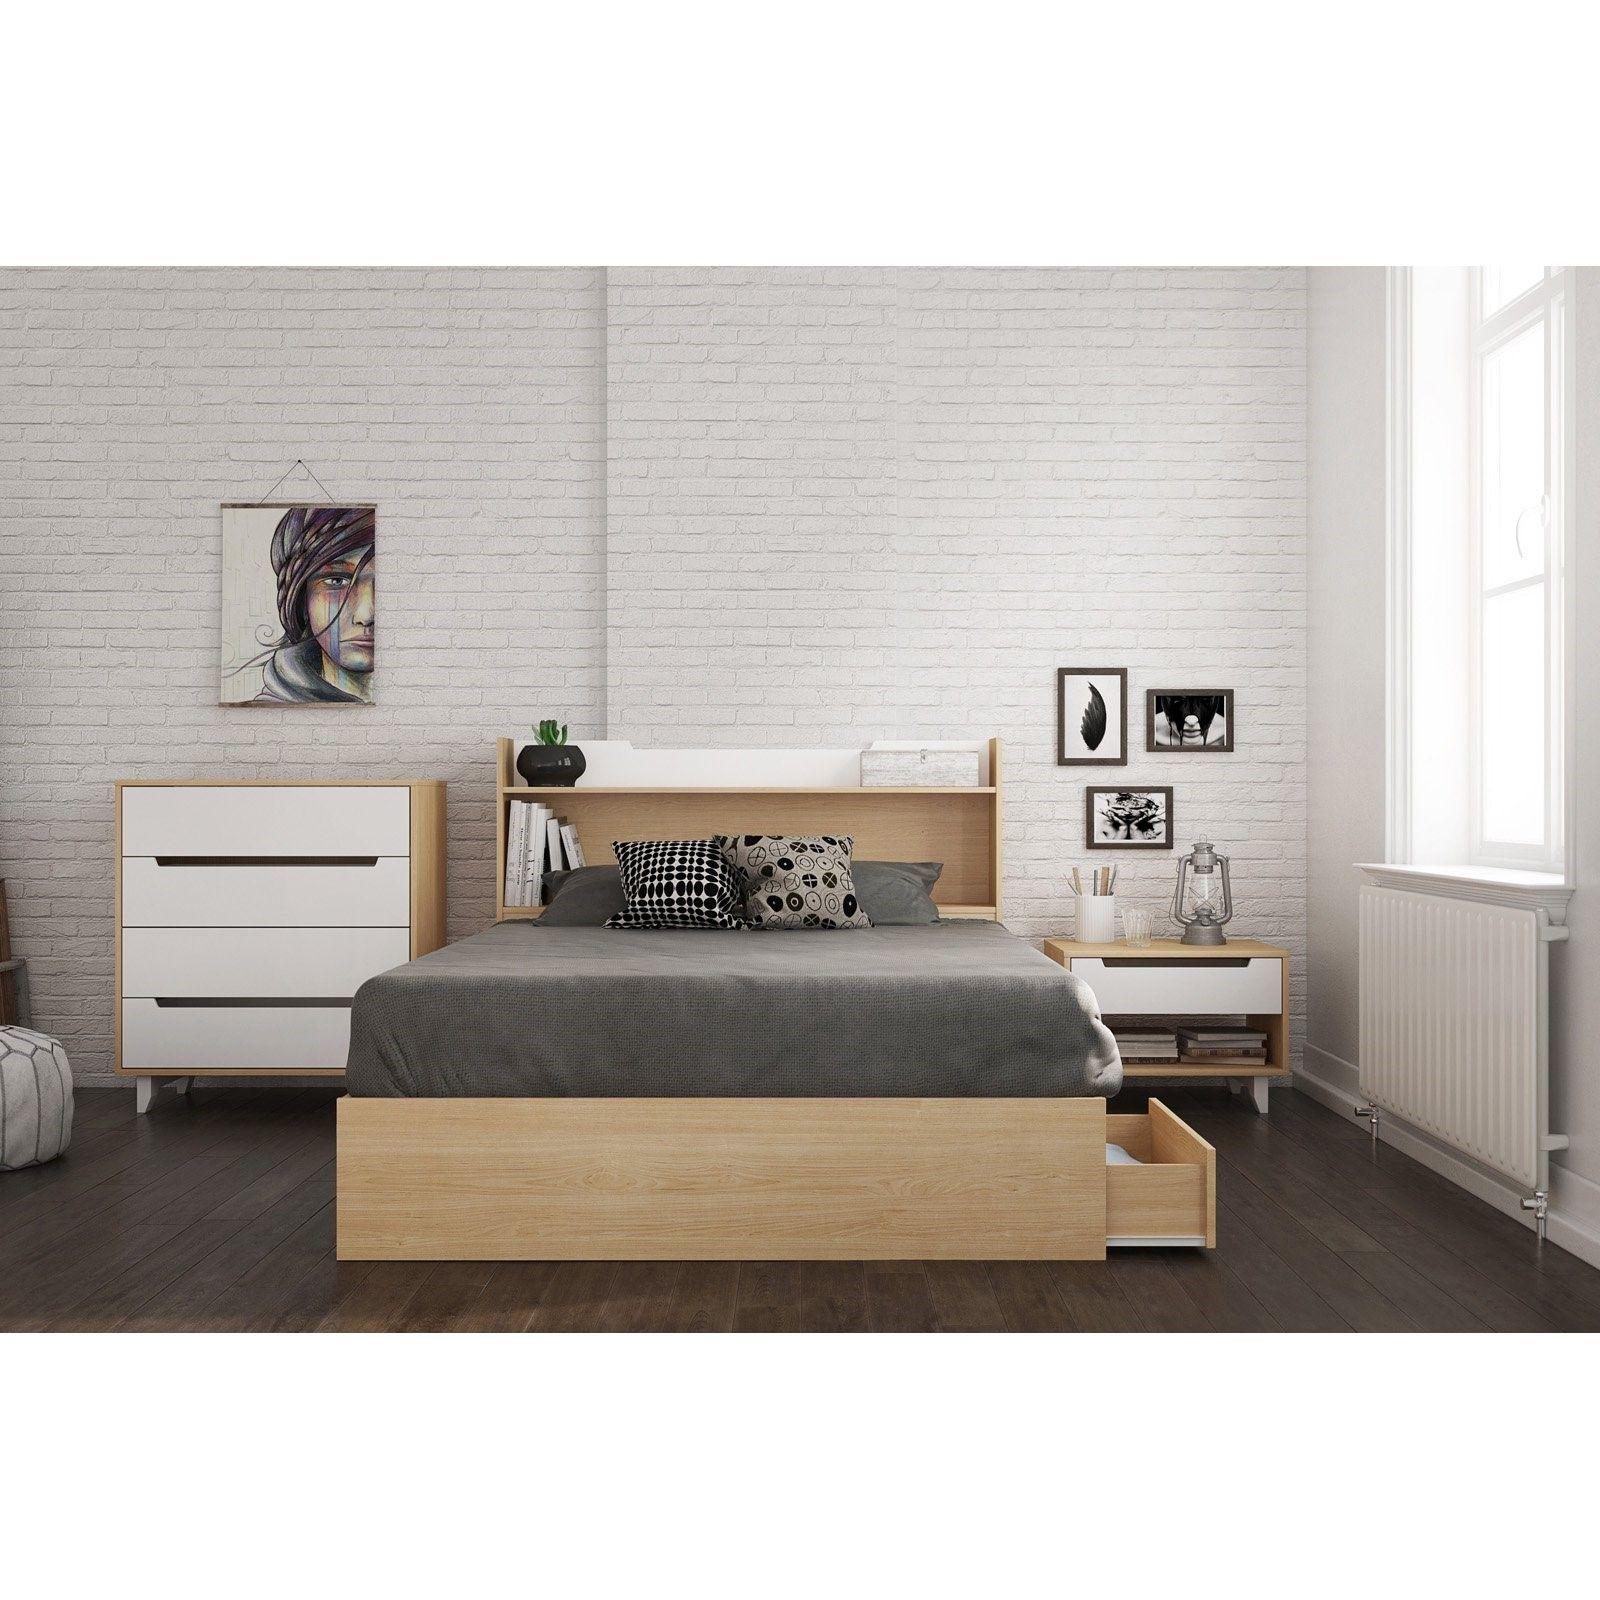 nexera karlstad 3 drawer natural maple storage bed brown in 2019 rh pinterest com